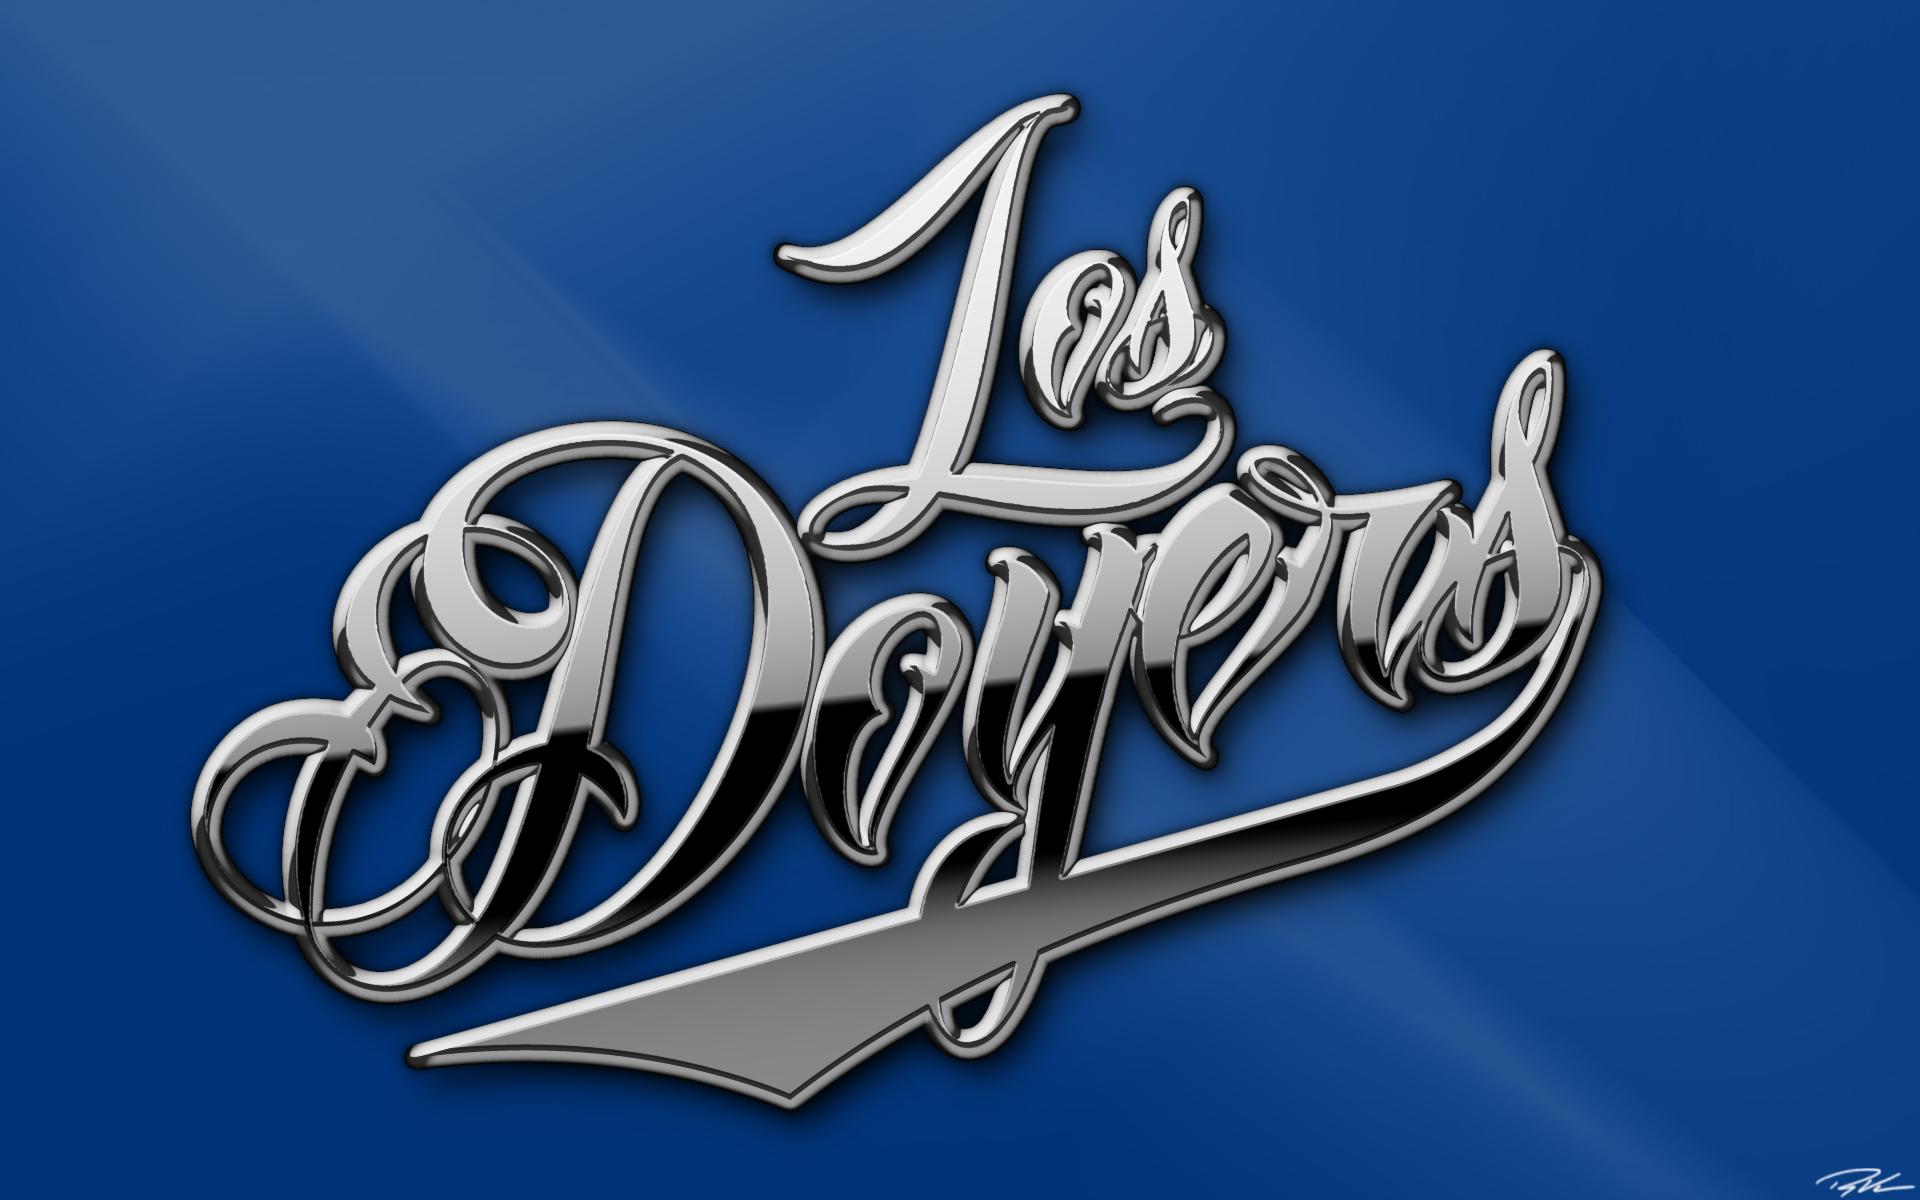 Dodgers HD